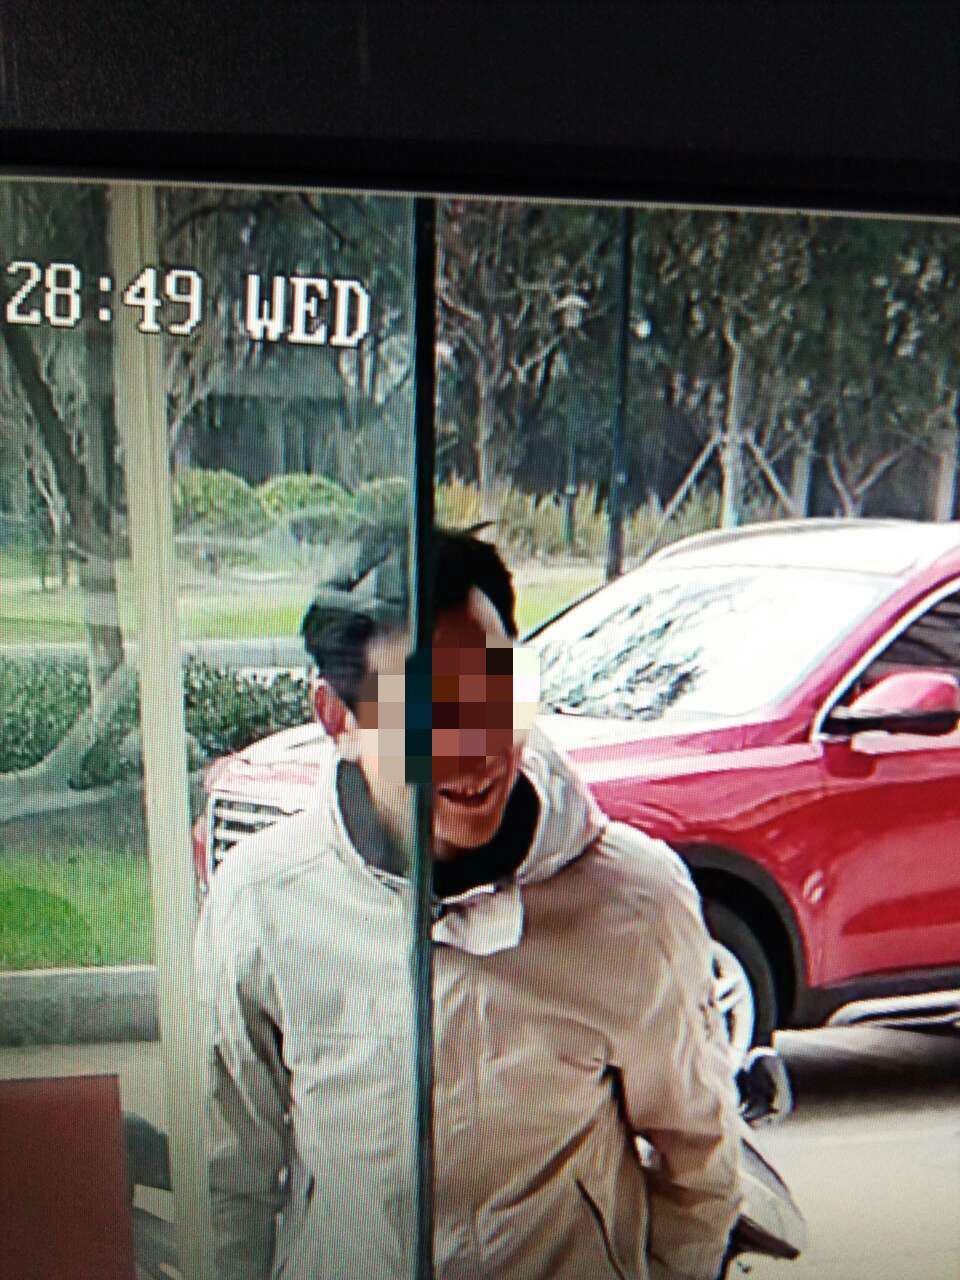 谁认识此人 将我洗车店客户宝马730的钥匙偷走了,一把要四千多块